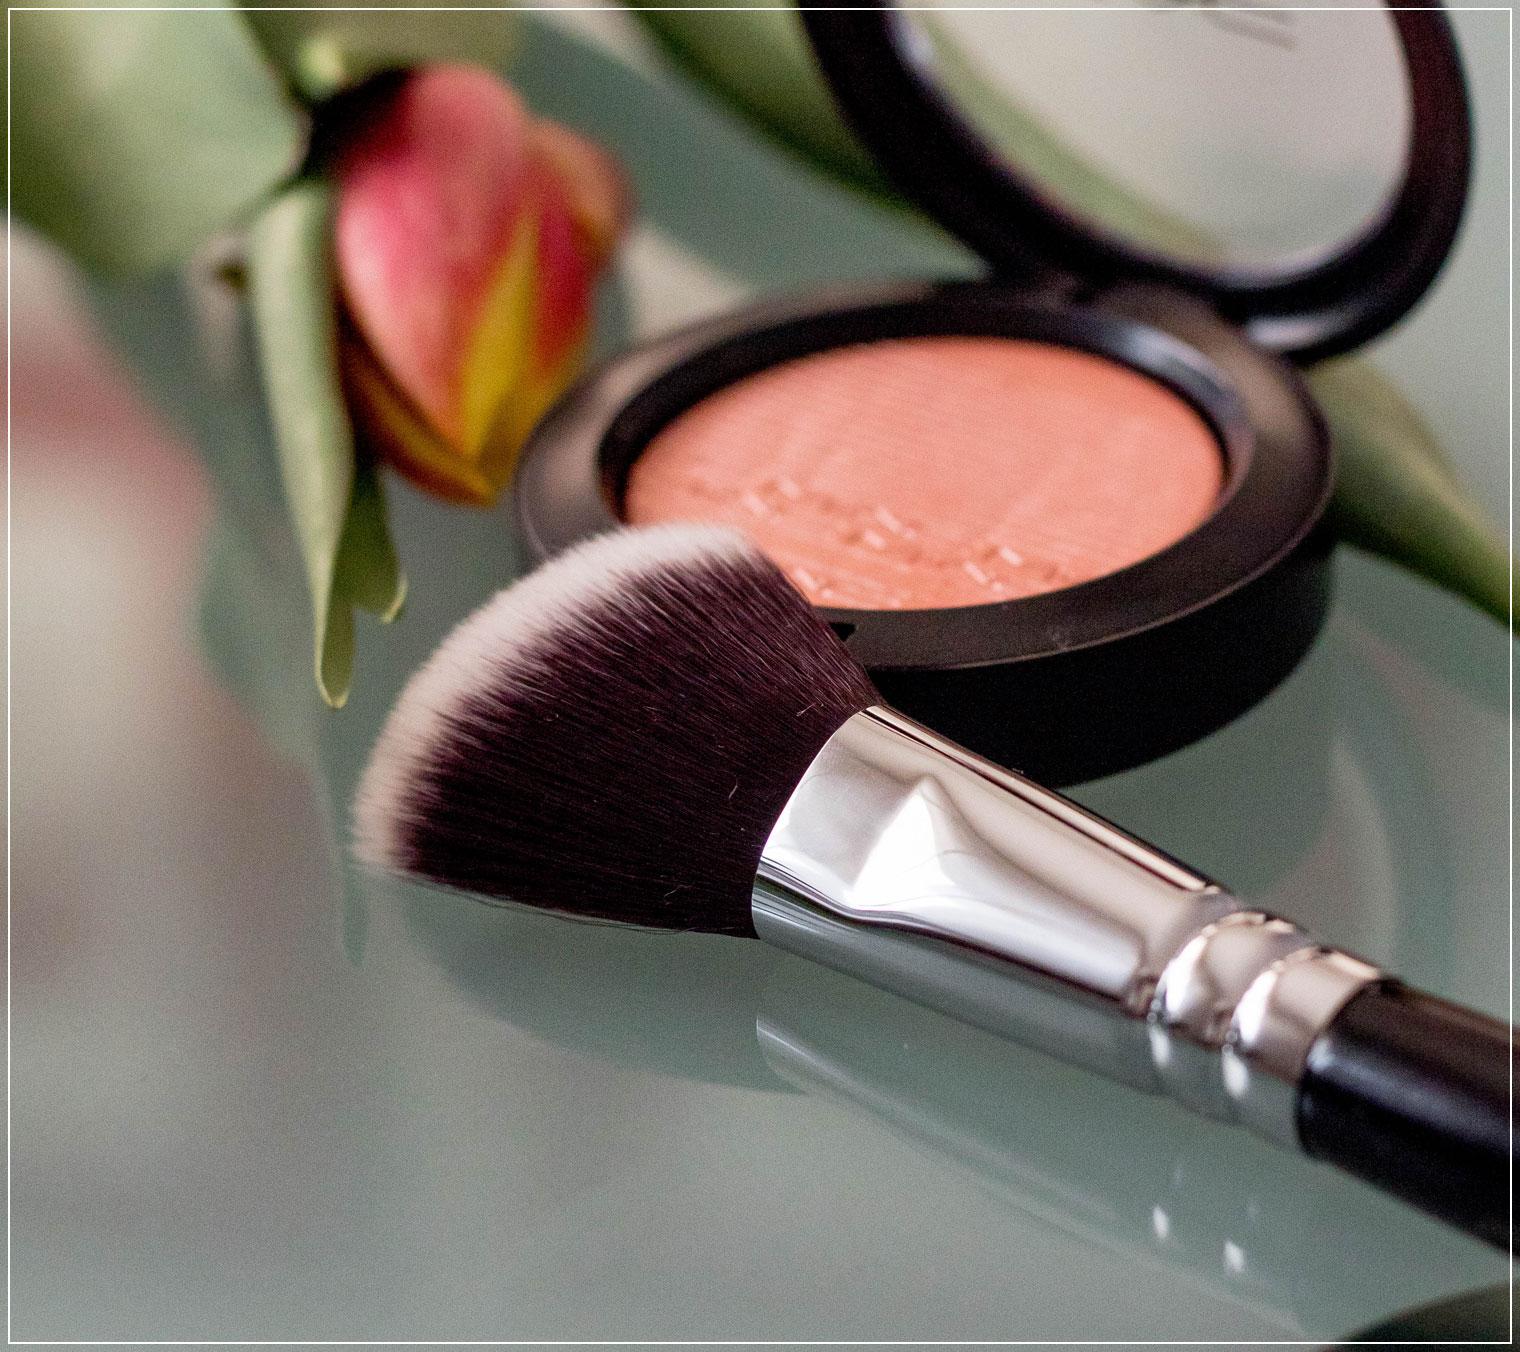 Make-Up-Produkte, Frühlings-Make-Up, Beautyblog, Beautyinspiration, Spring-Make-Up, Alltagsmake-Up, Bloggerin, Fashionblog